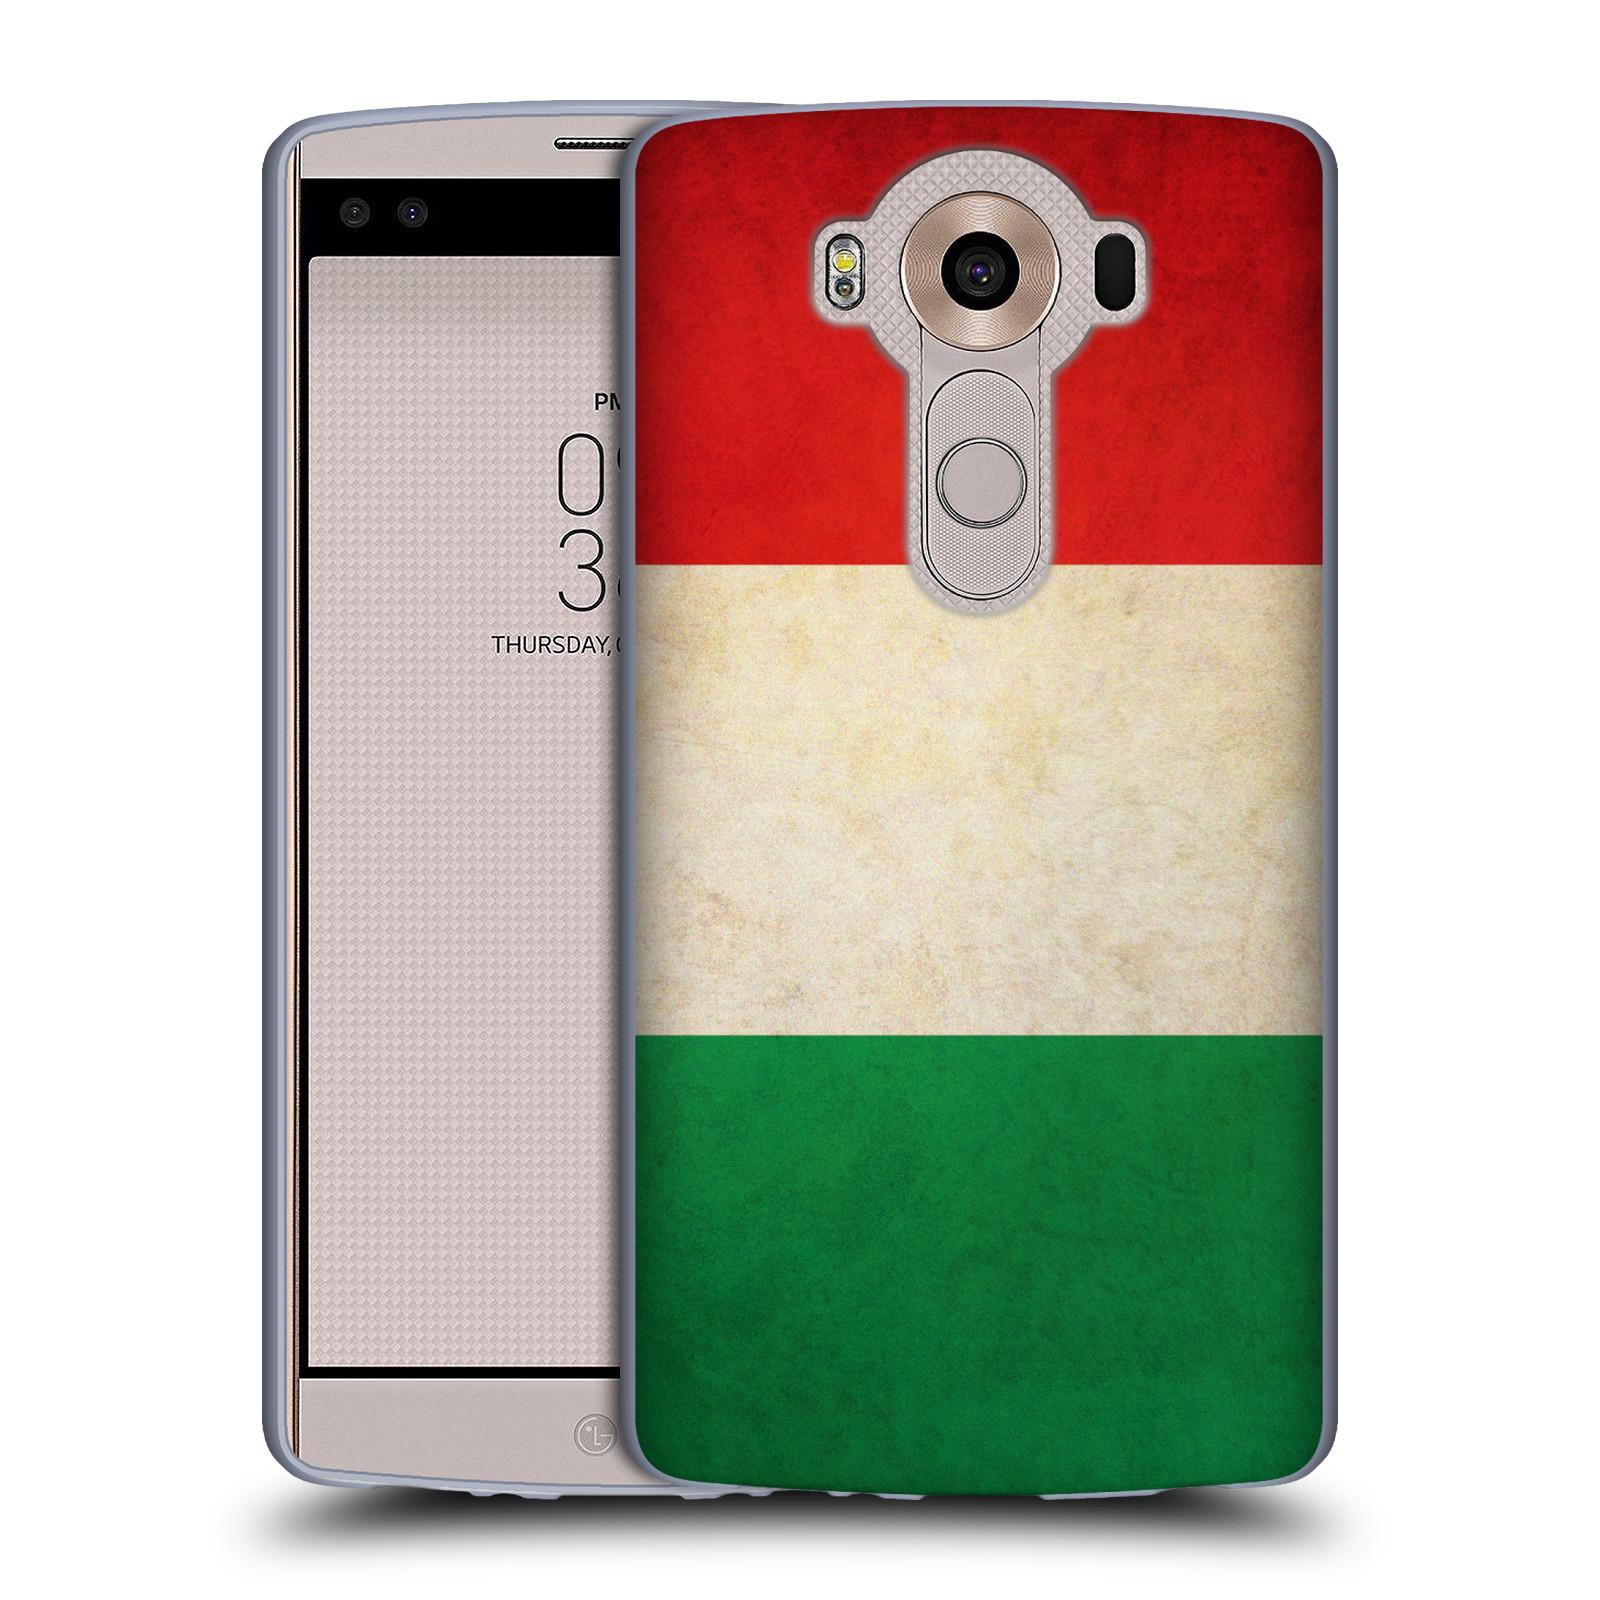 HEAD CASE silikonový obal na mobil LG V10 (H960A) vzor VINTAGE VLAJKY ITÁLIE